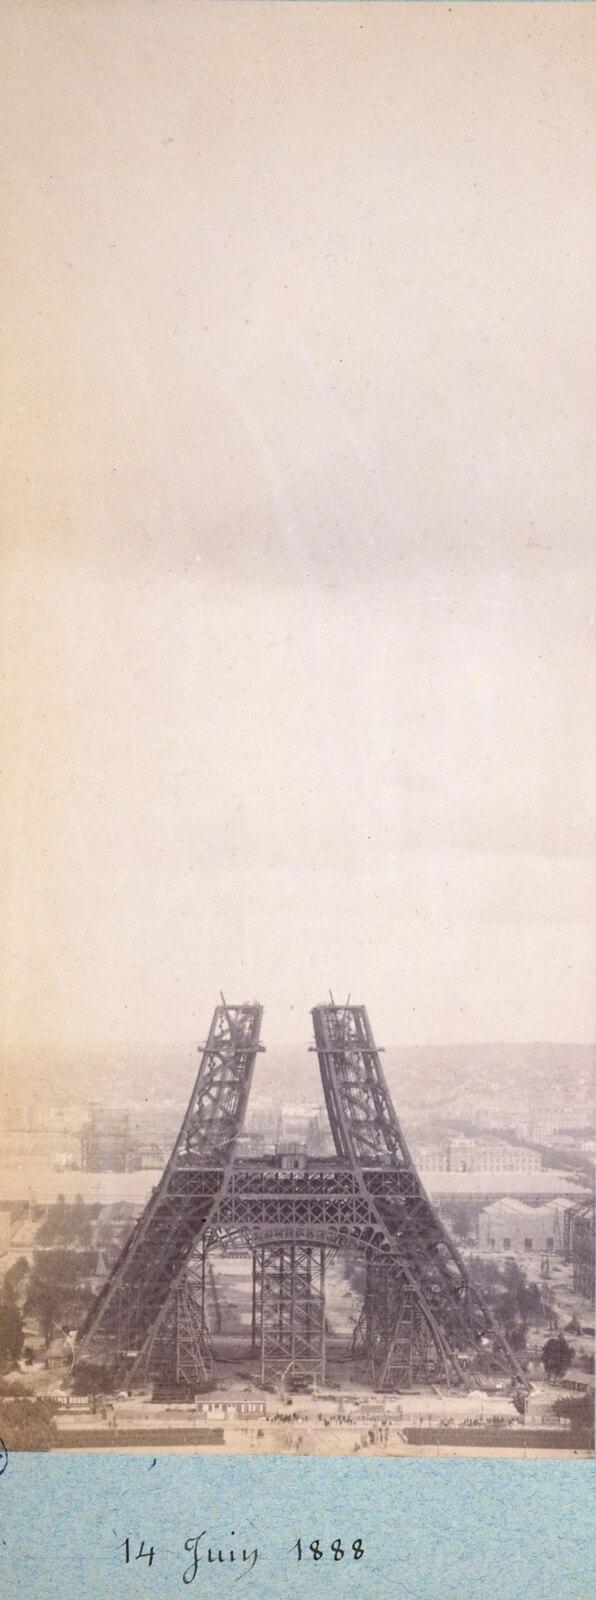 07. 1888. 14 июня